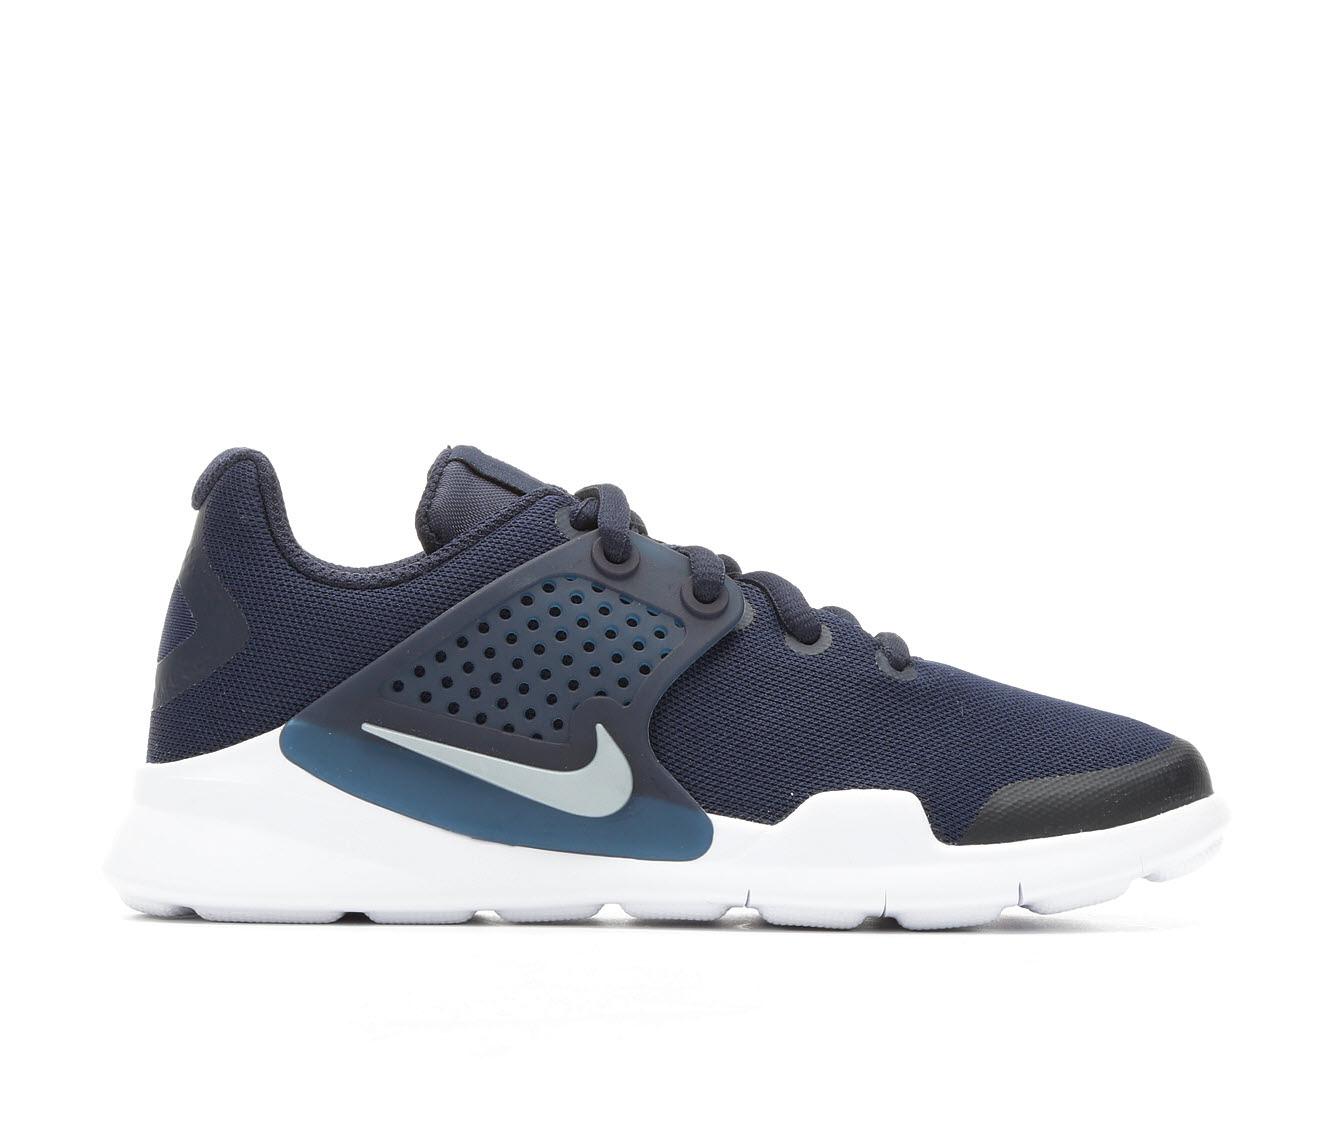 Boys' Nike Arrowz Running Shoes (Blue - Size 12 - Little Kid) 1677853